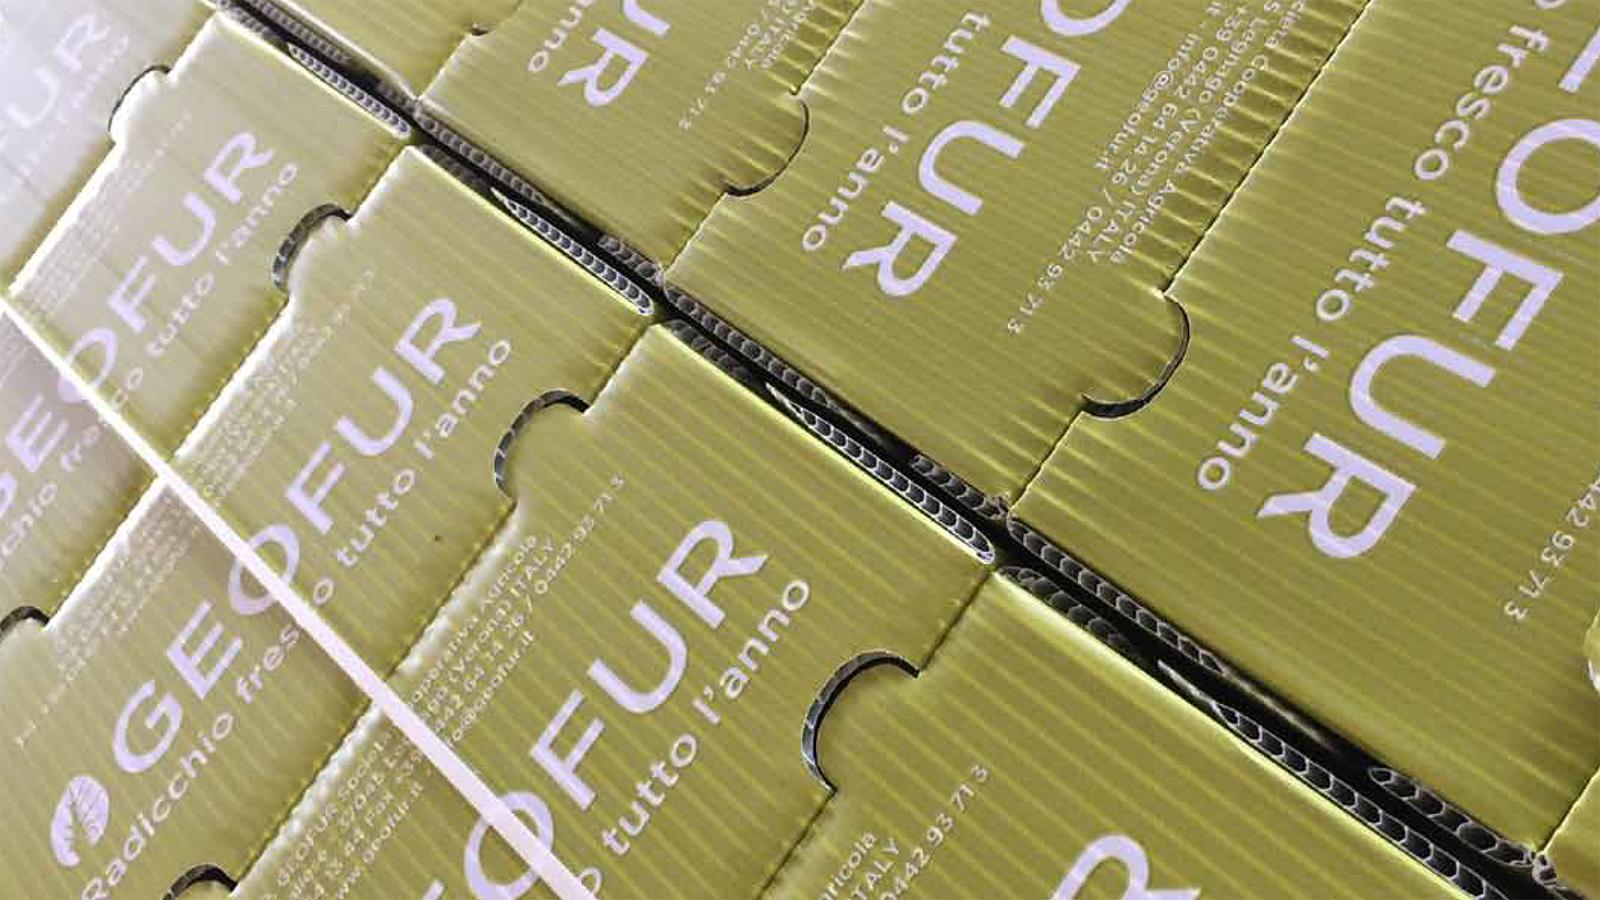 geofur-consulenza-globale-bauletti-foto